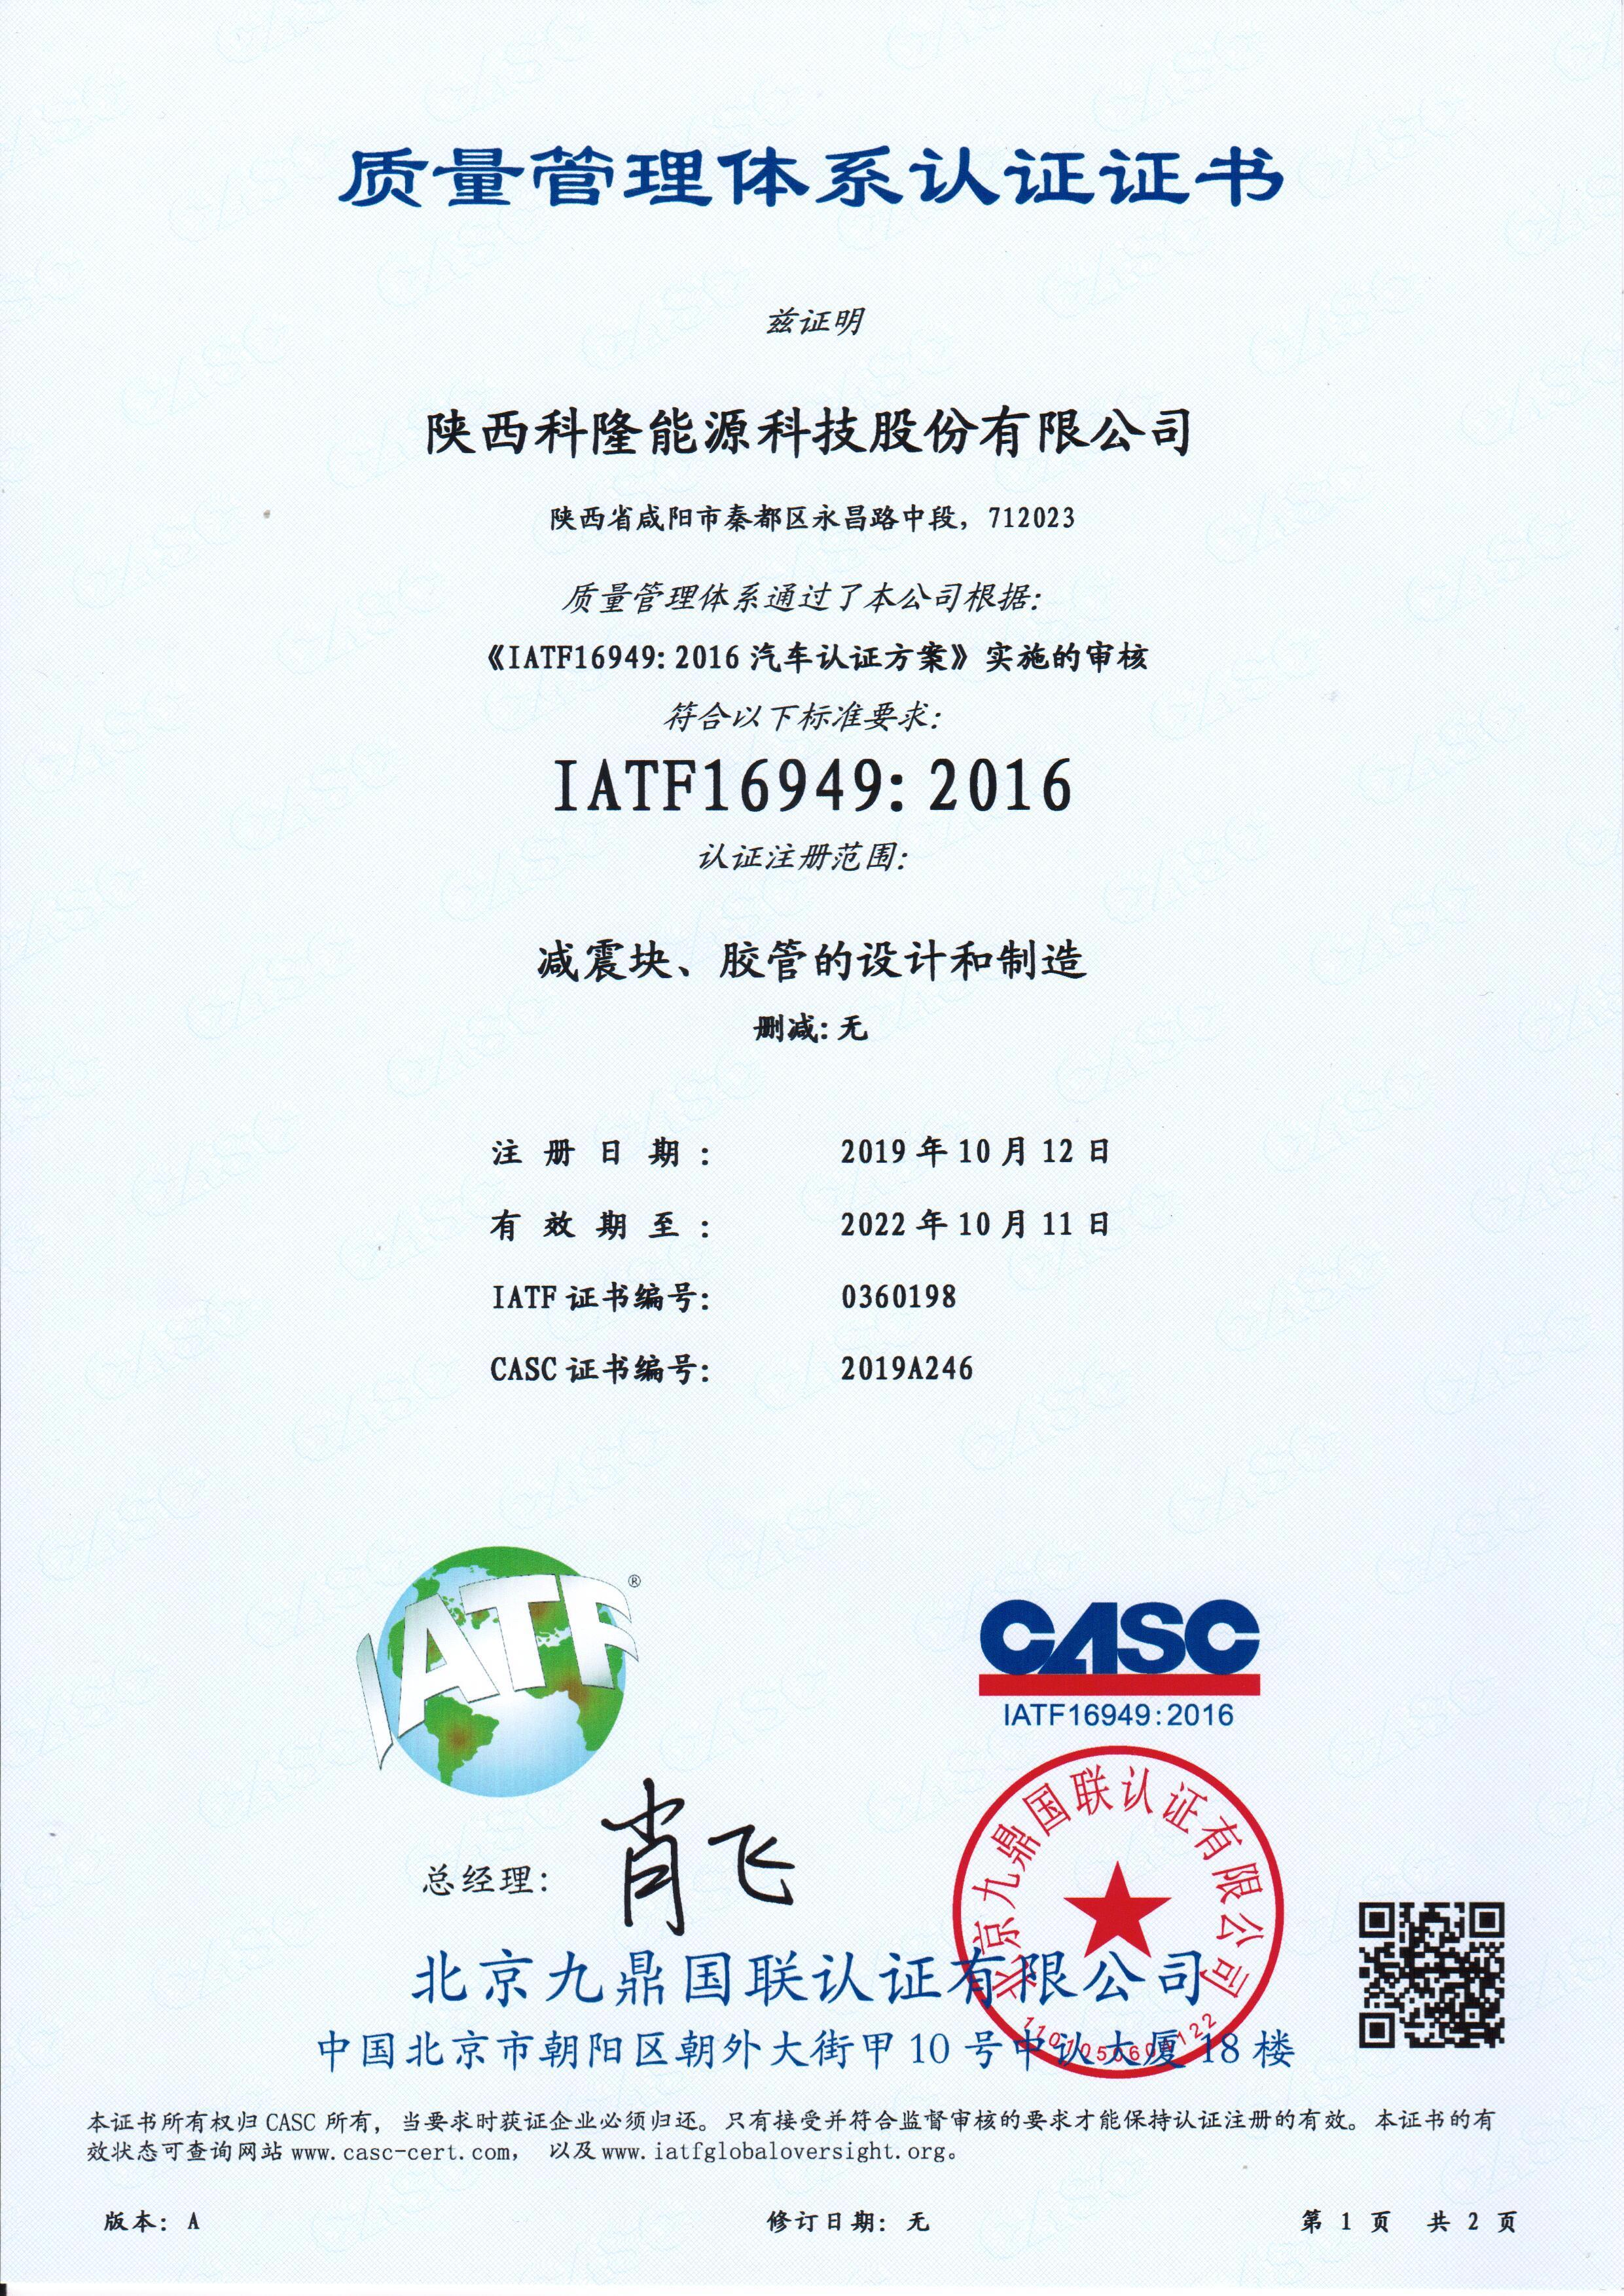 認證-IATF16949認證